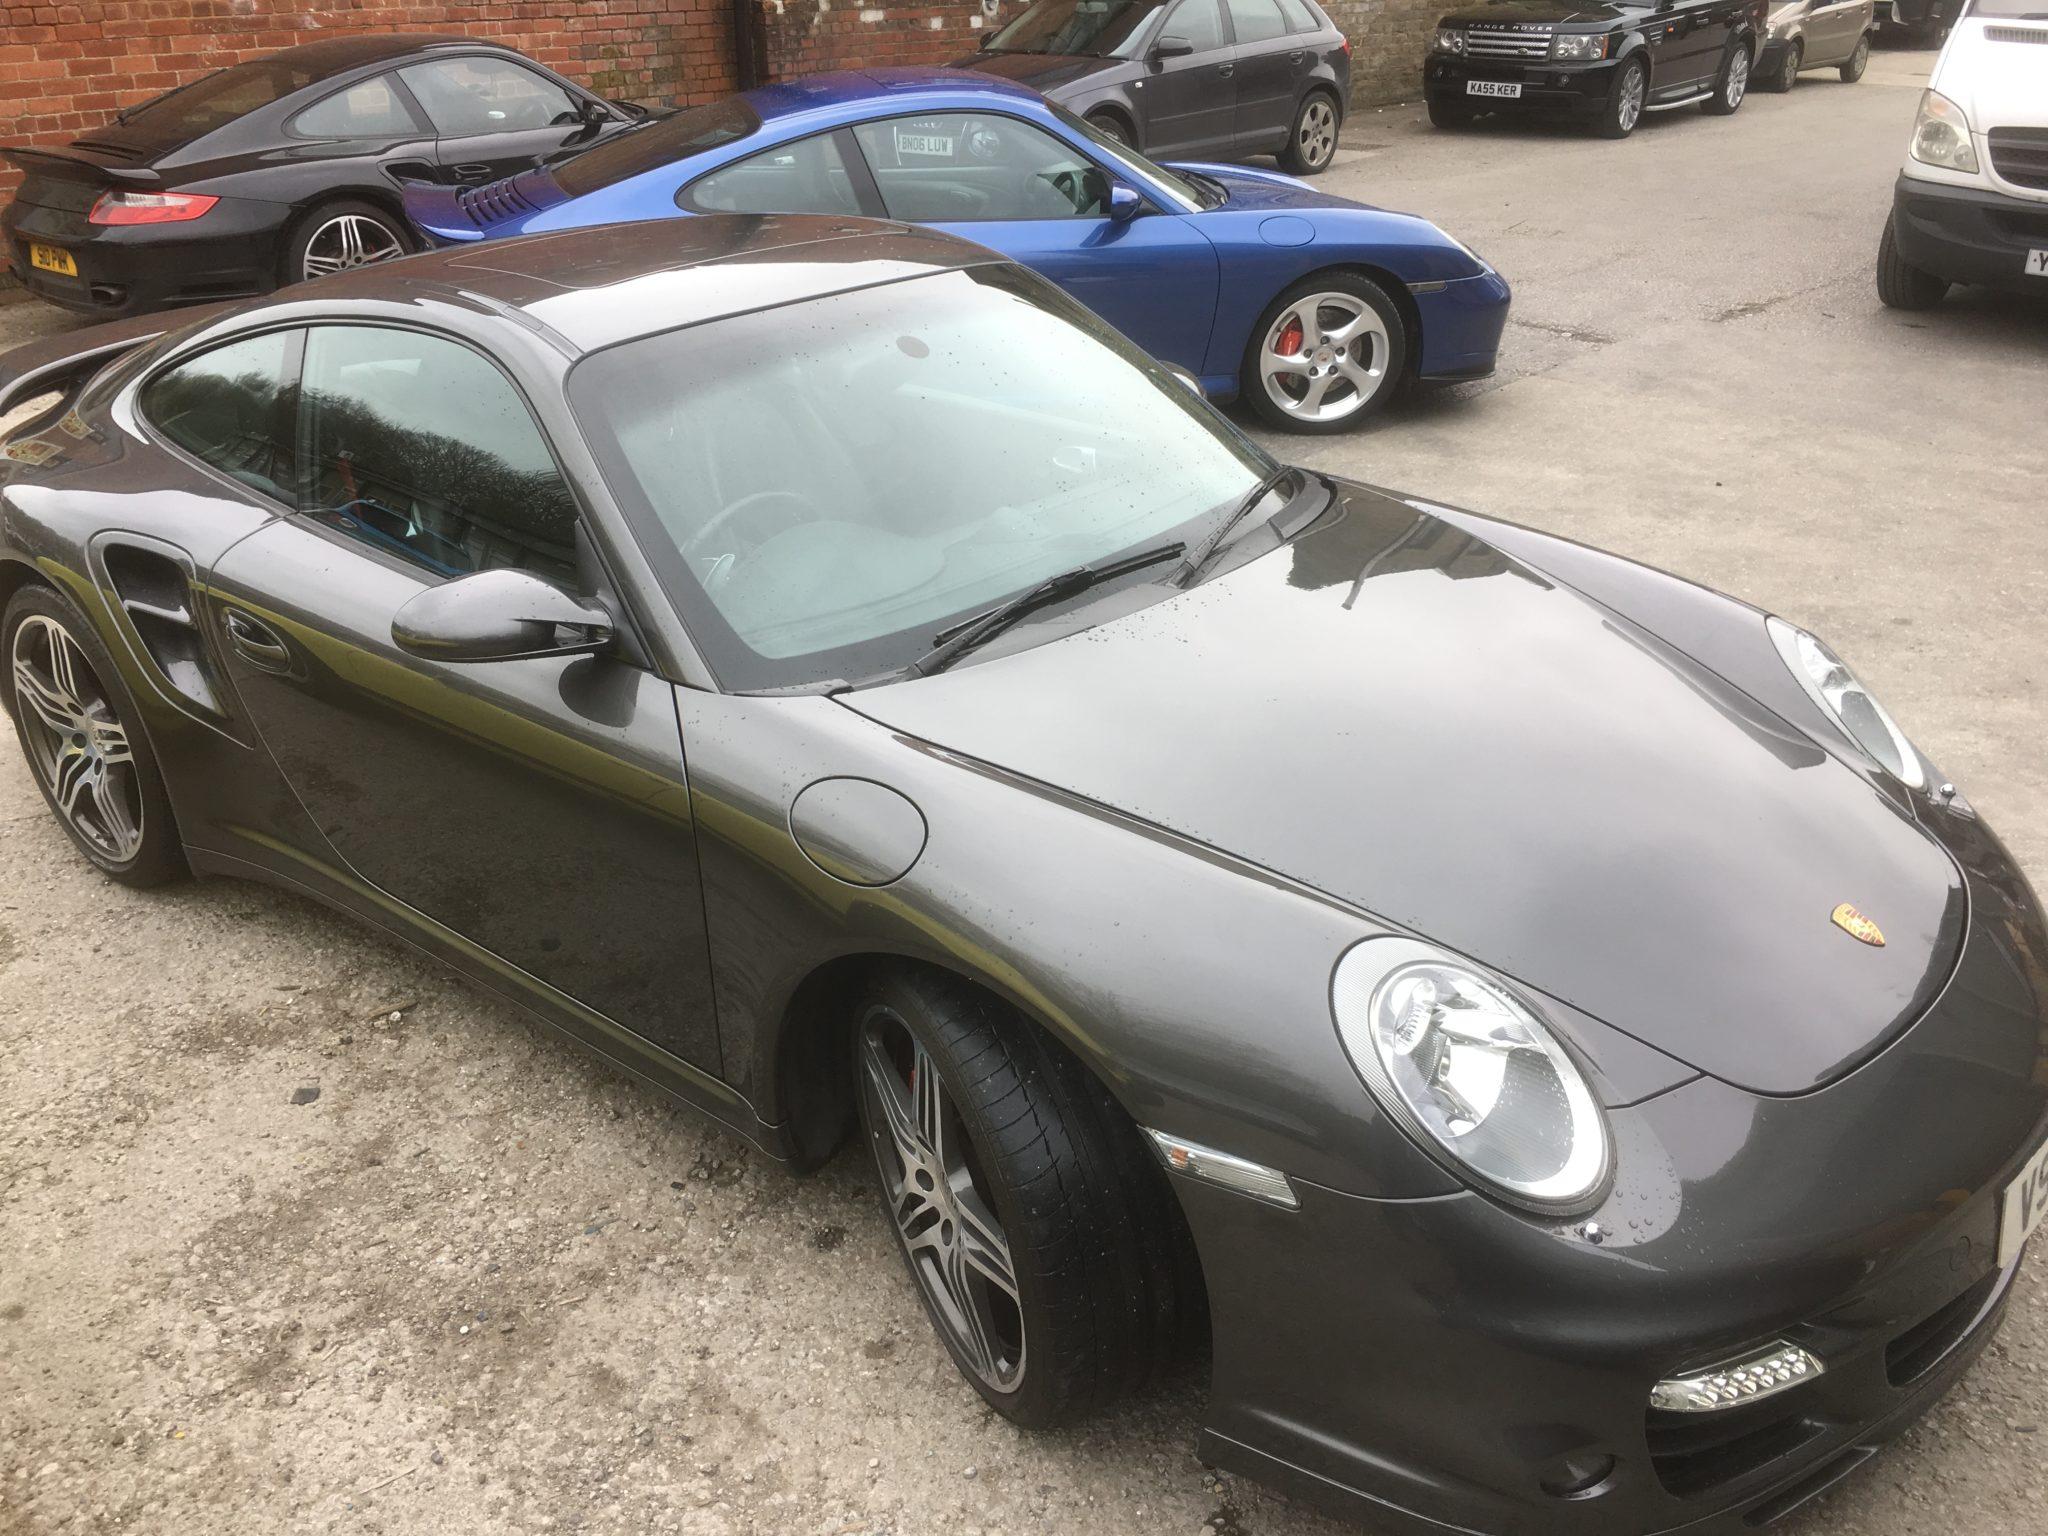 997.1 Turbo